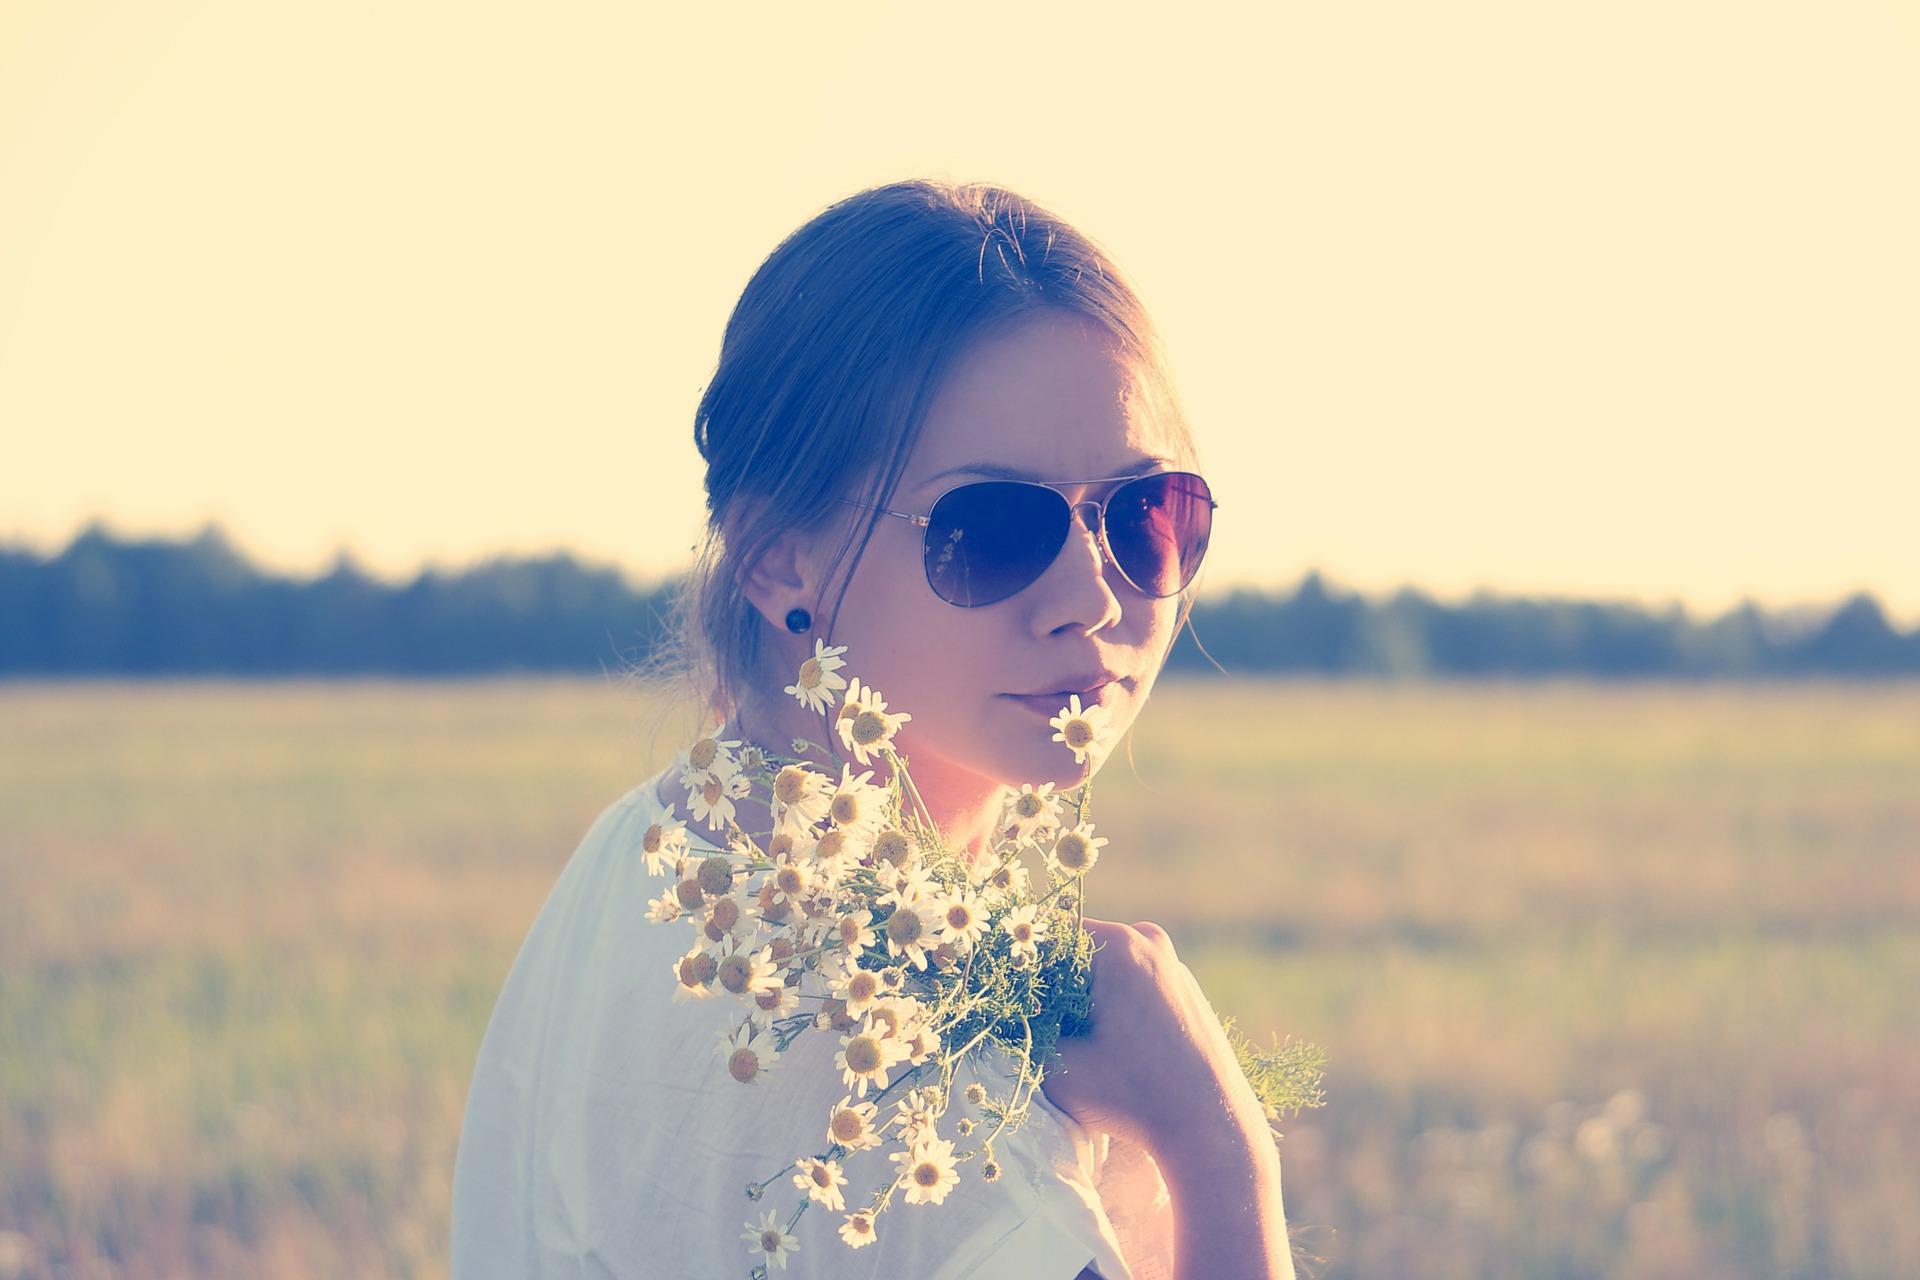 【業界最前線ブログ】「ファッション流通の現場」(5)「メルカリ」に三井物産などが84億円を出資